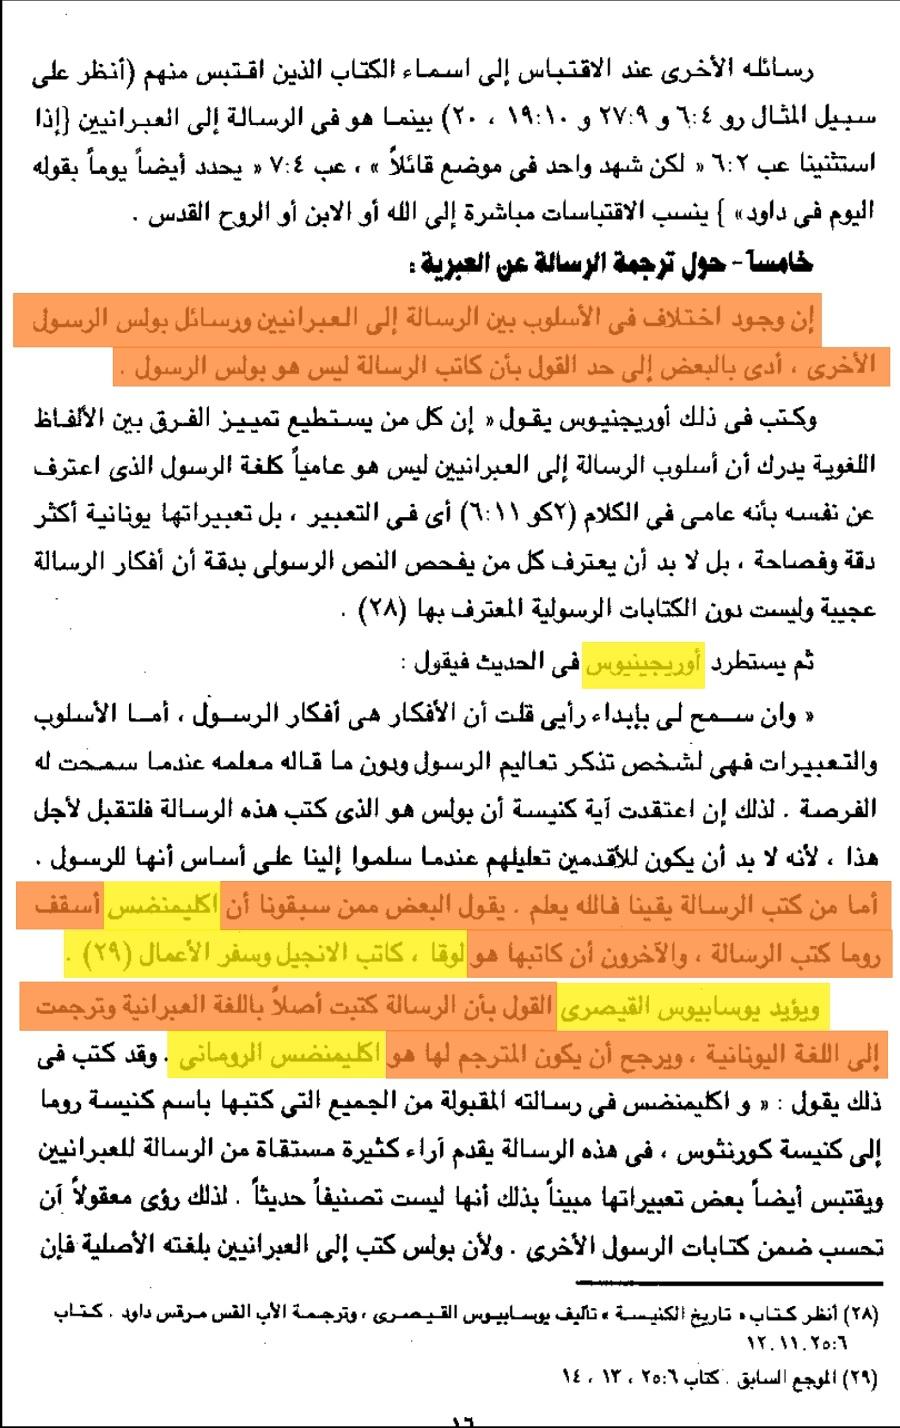 رسالة بولس الرسول الى اهل العبرانين - دكتور موريس تاوضروس صفحة 16